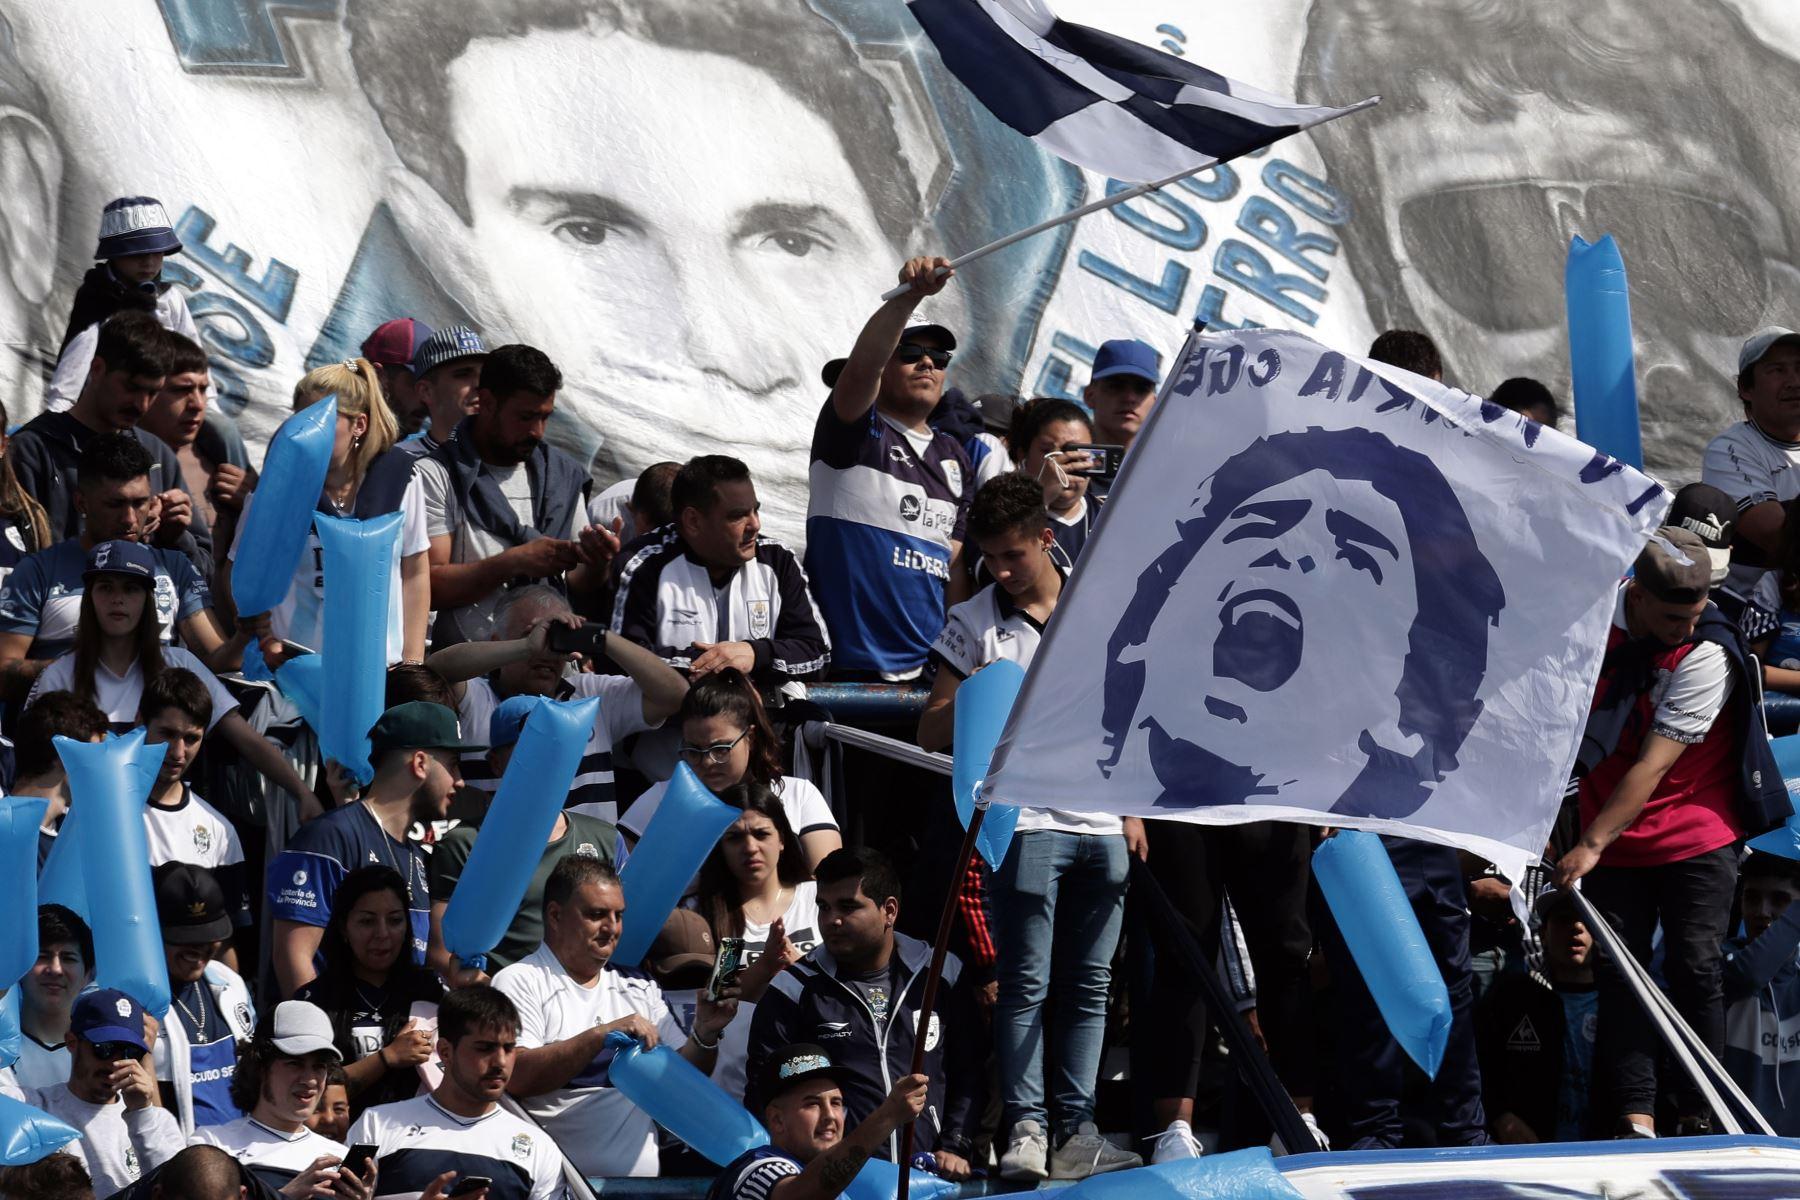 Los partidarios de Gimnasia y Esgrima La Plata animan a su equipo y a su nuevo entrenador, el ex estrella de fútbol argentino Diego Armando Maradona, antes del inicio de su partido de fútbol de la Superliga de Primera División de Argentina contra el Racing Club Foto: AFP